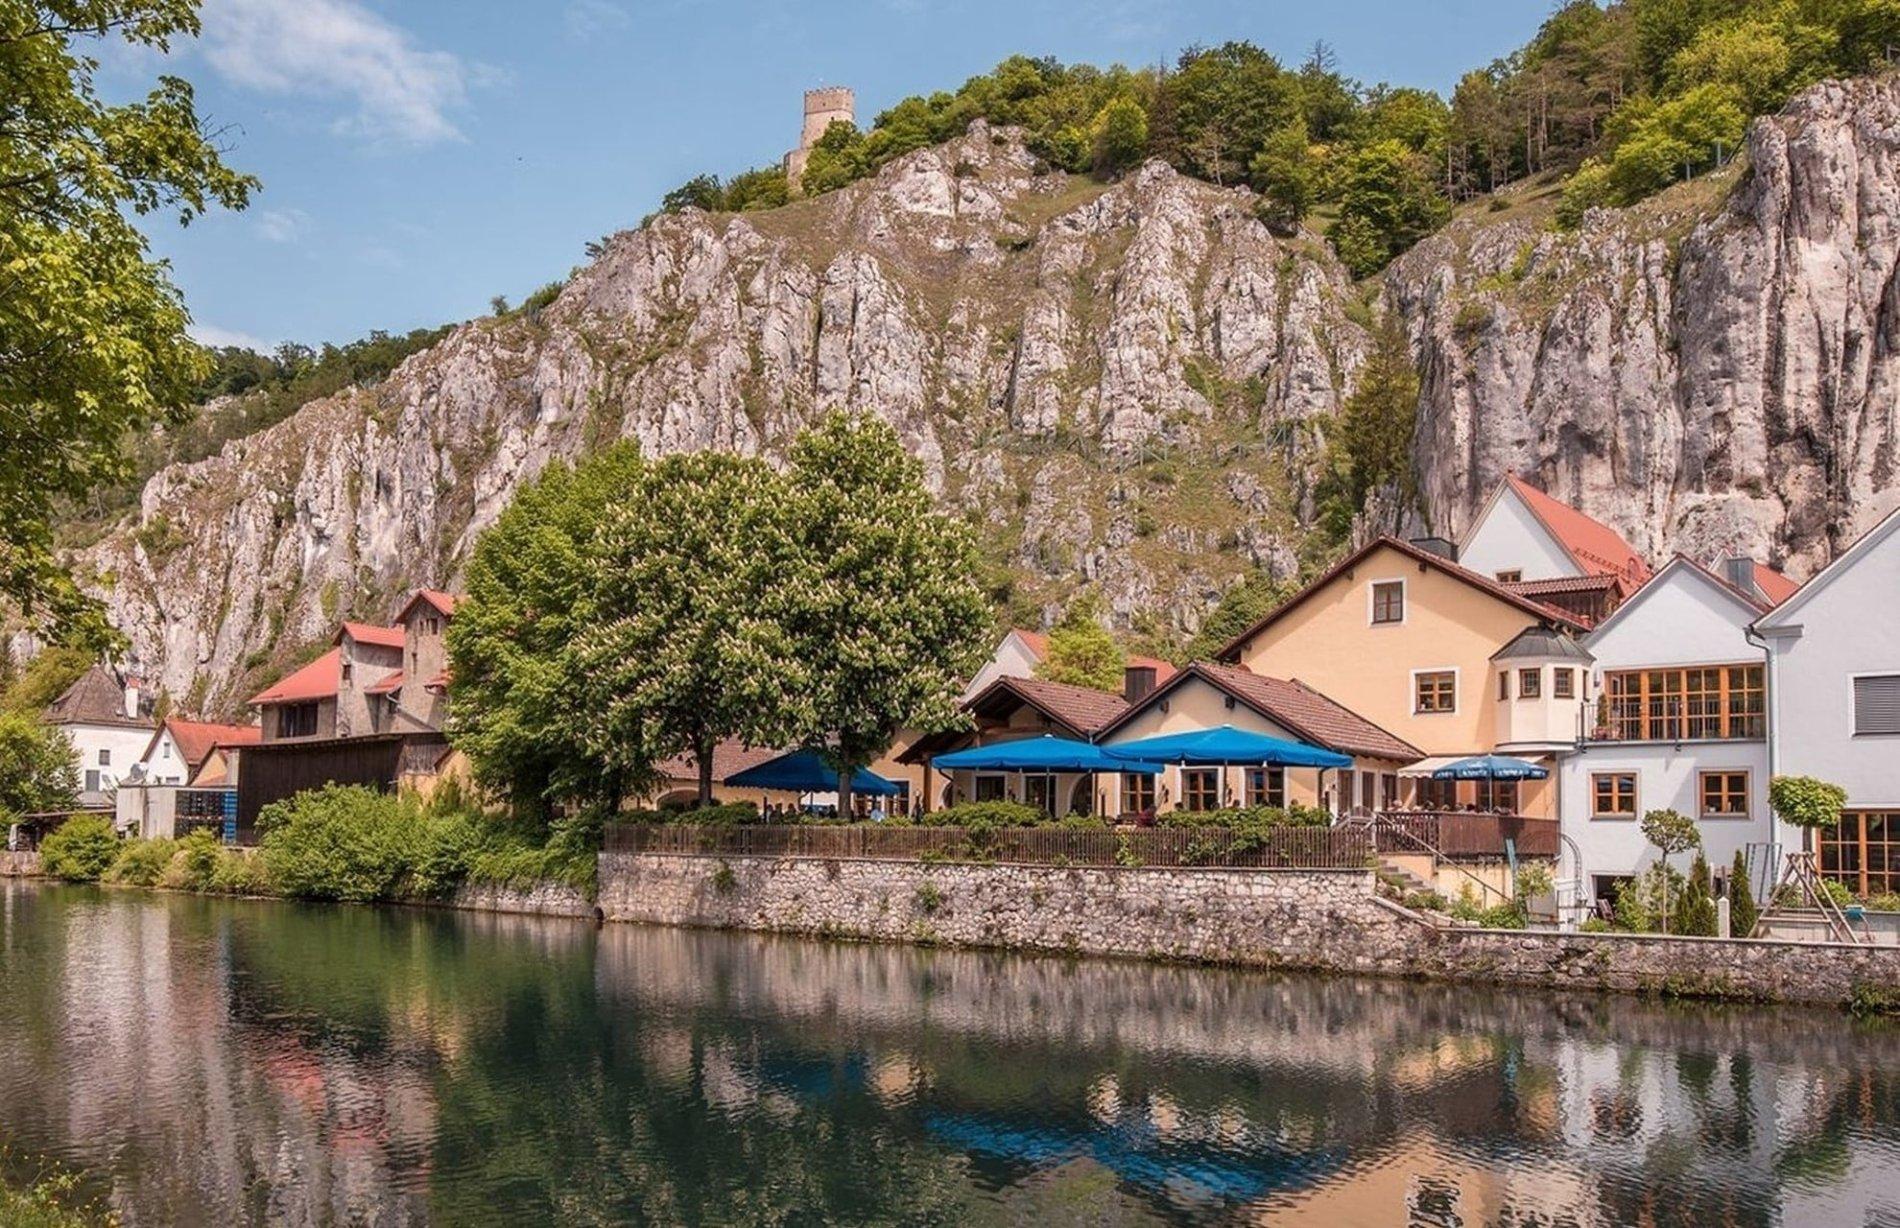 Die Brauerei mit Brauereigasthof und Hotel liegt am Altwasser in Essing.